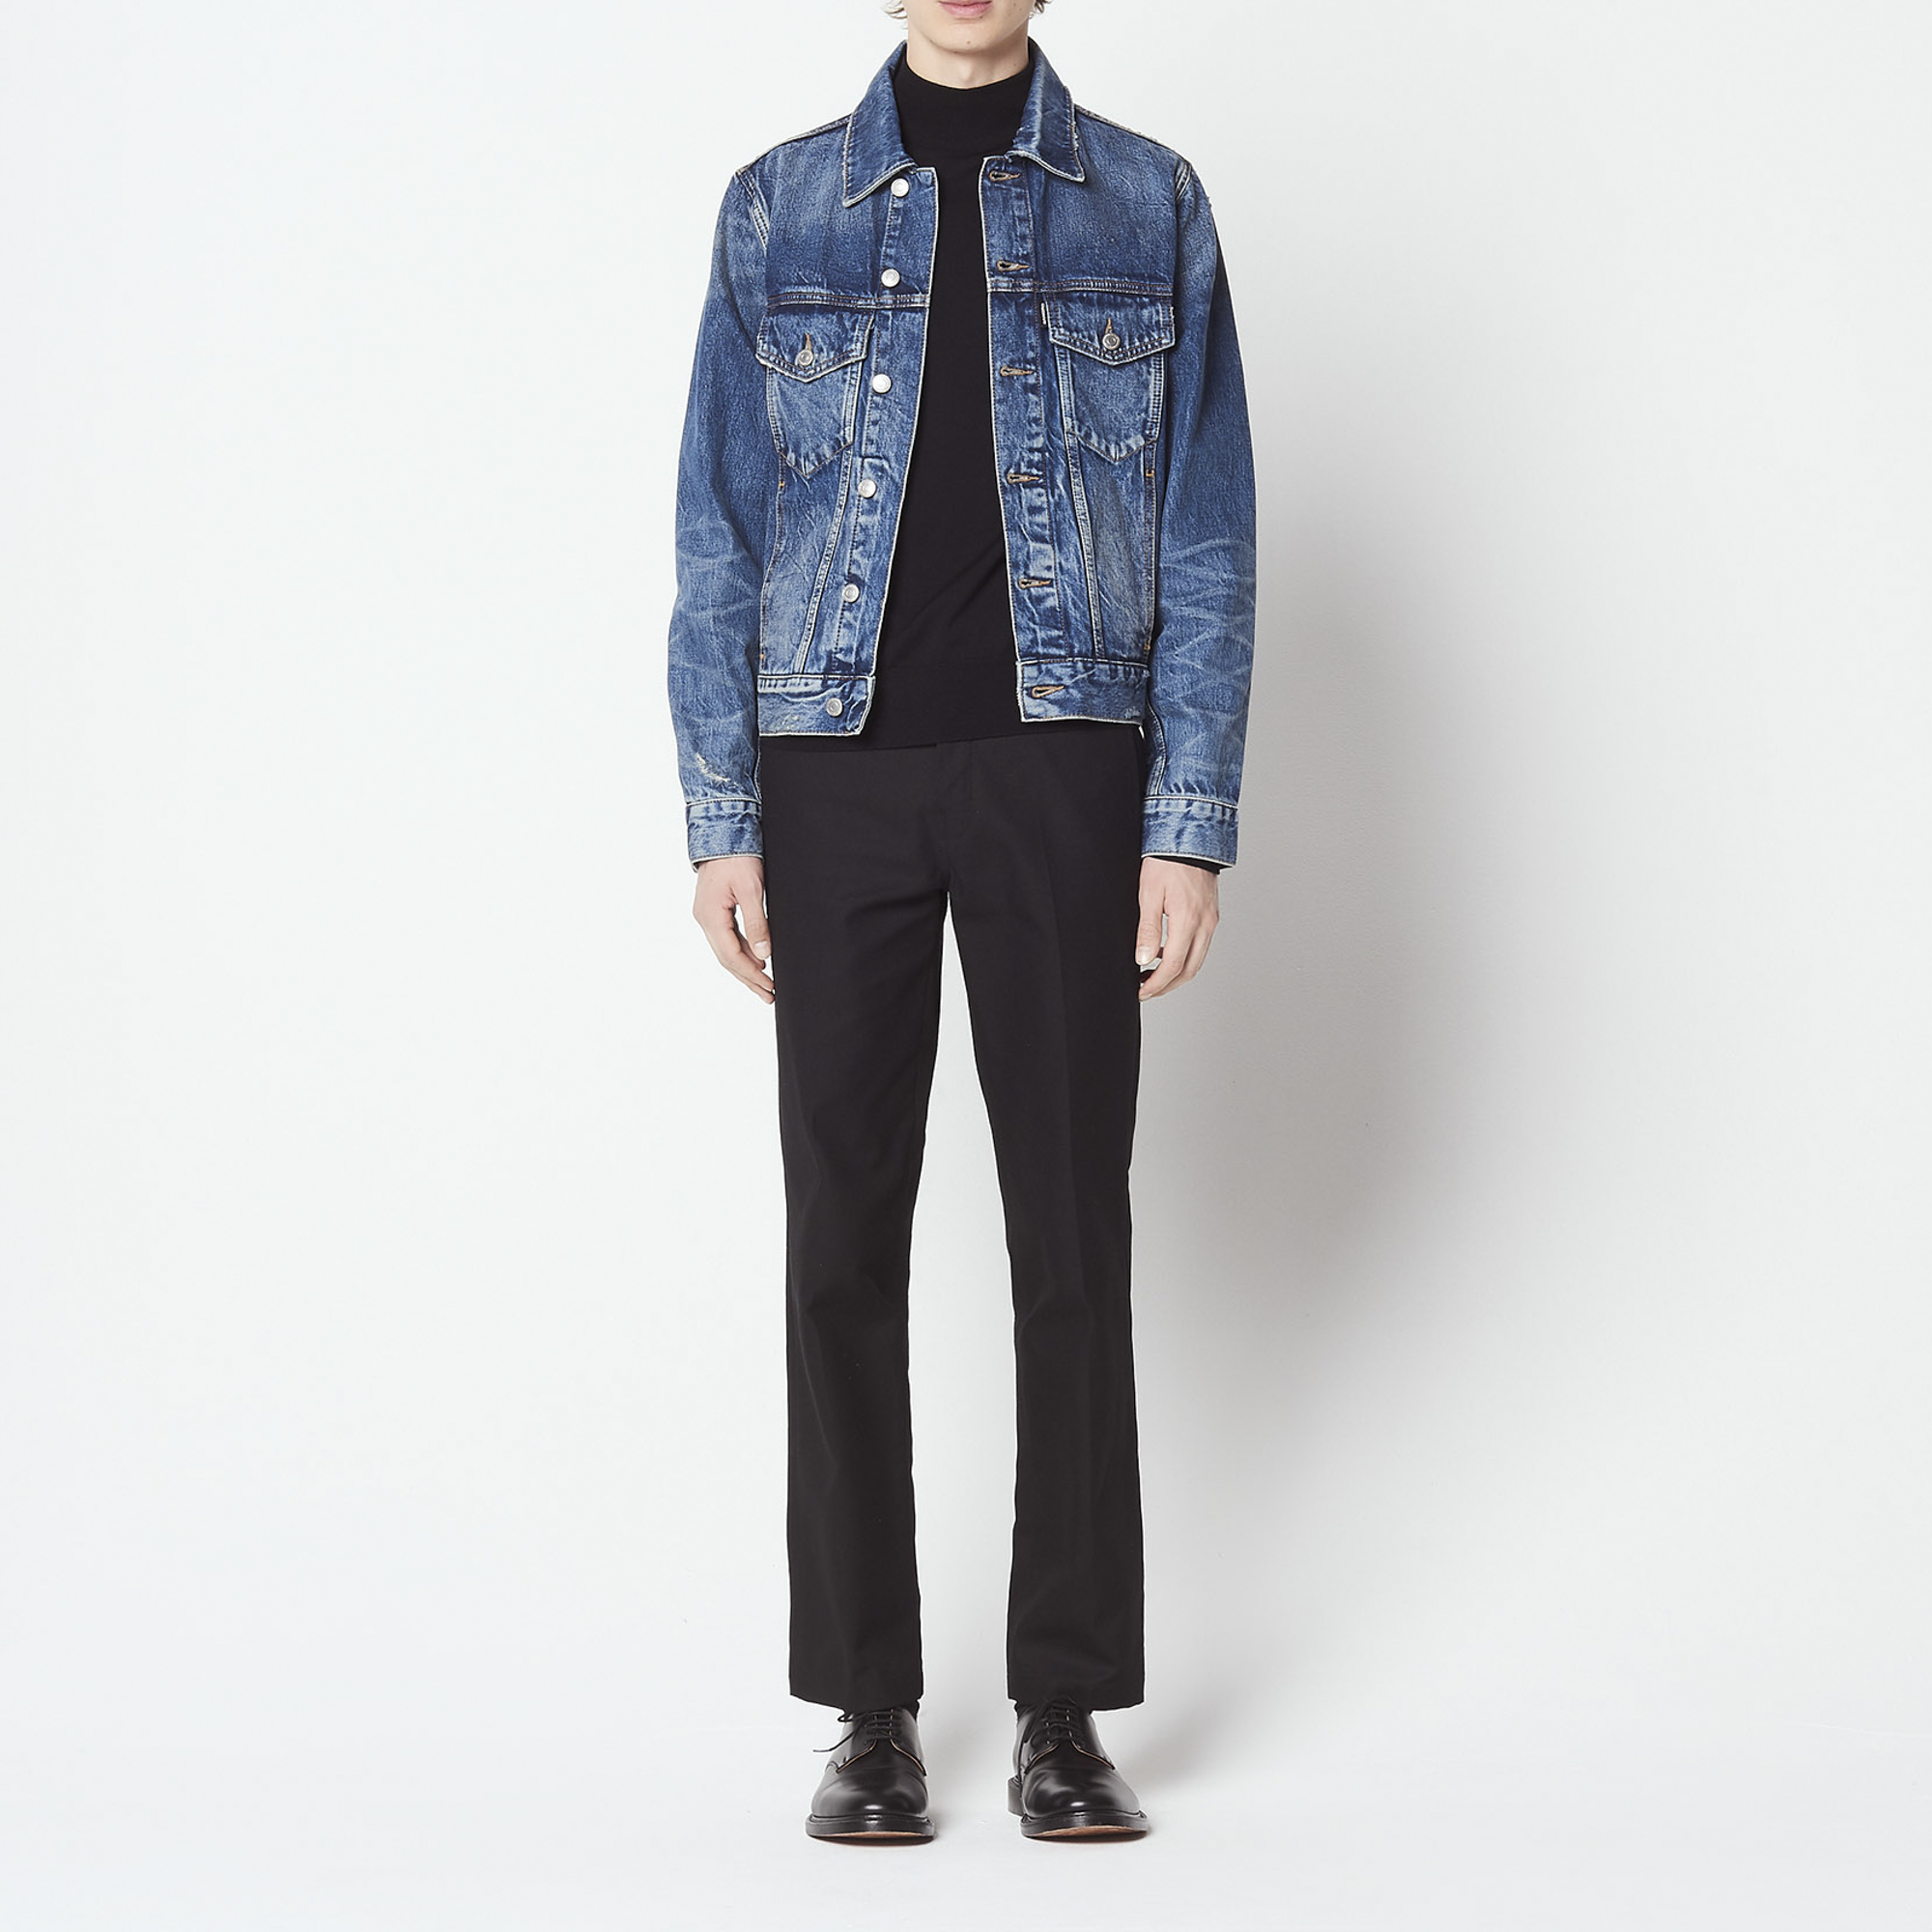 711be3f94d9f0 Vintage-style denim jacket   Blazers   Jackets color Blue Vintage - Denim  ...